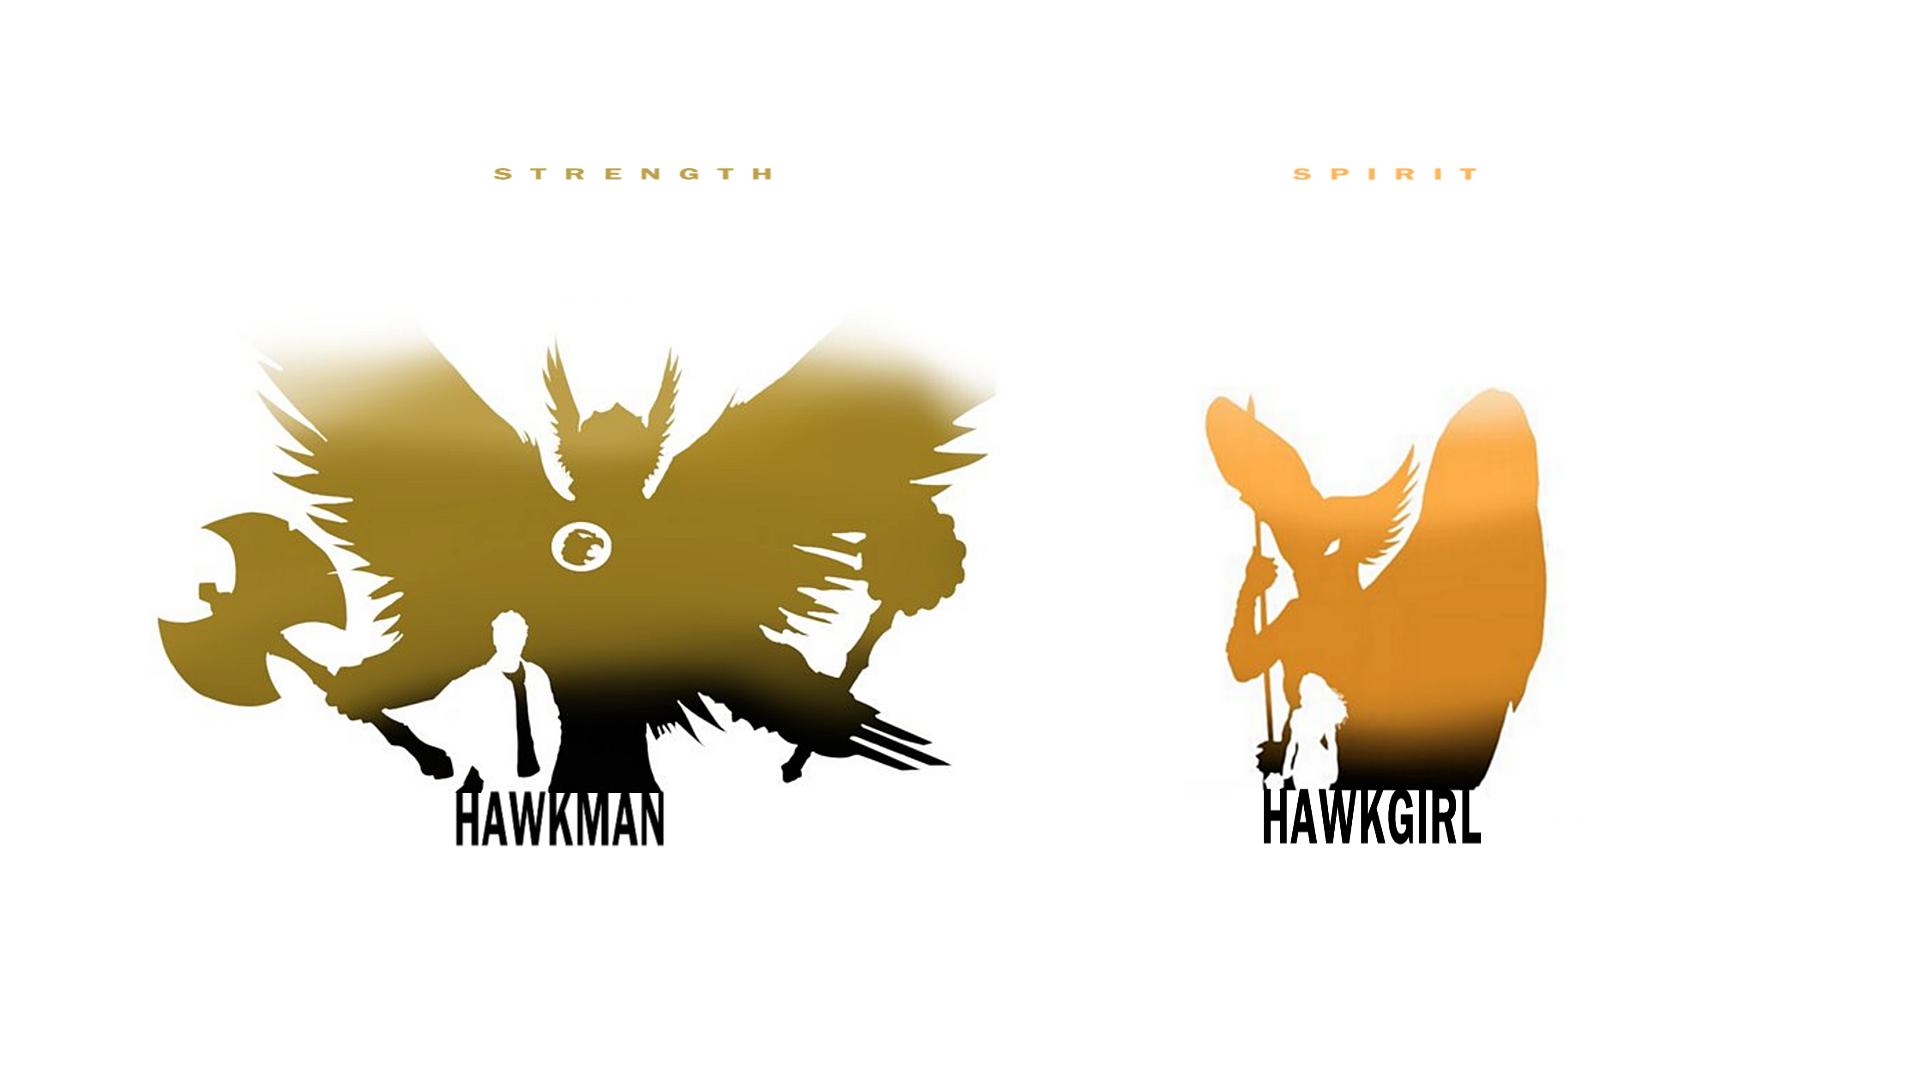 Hawkman Wallpaper 1920x1080